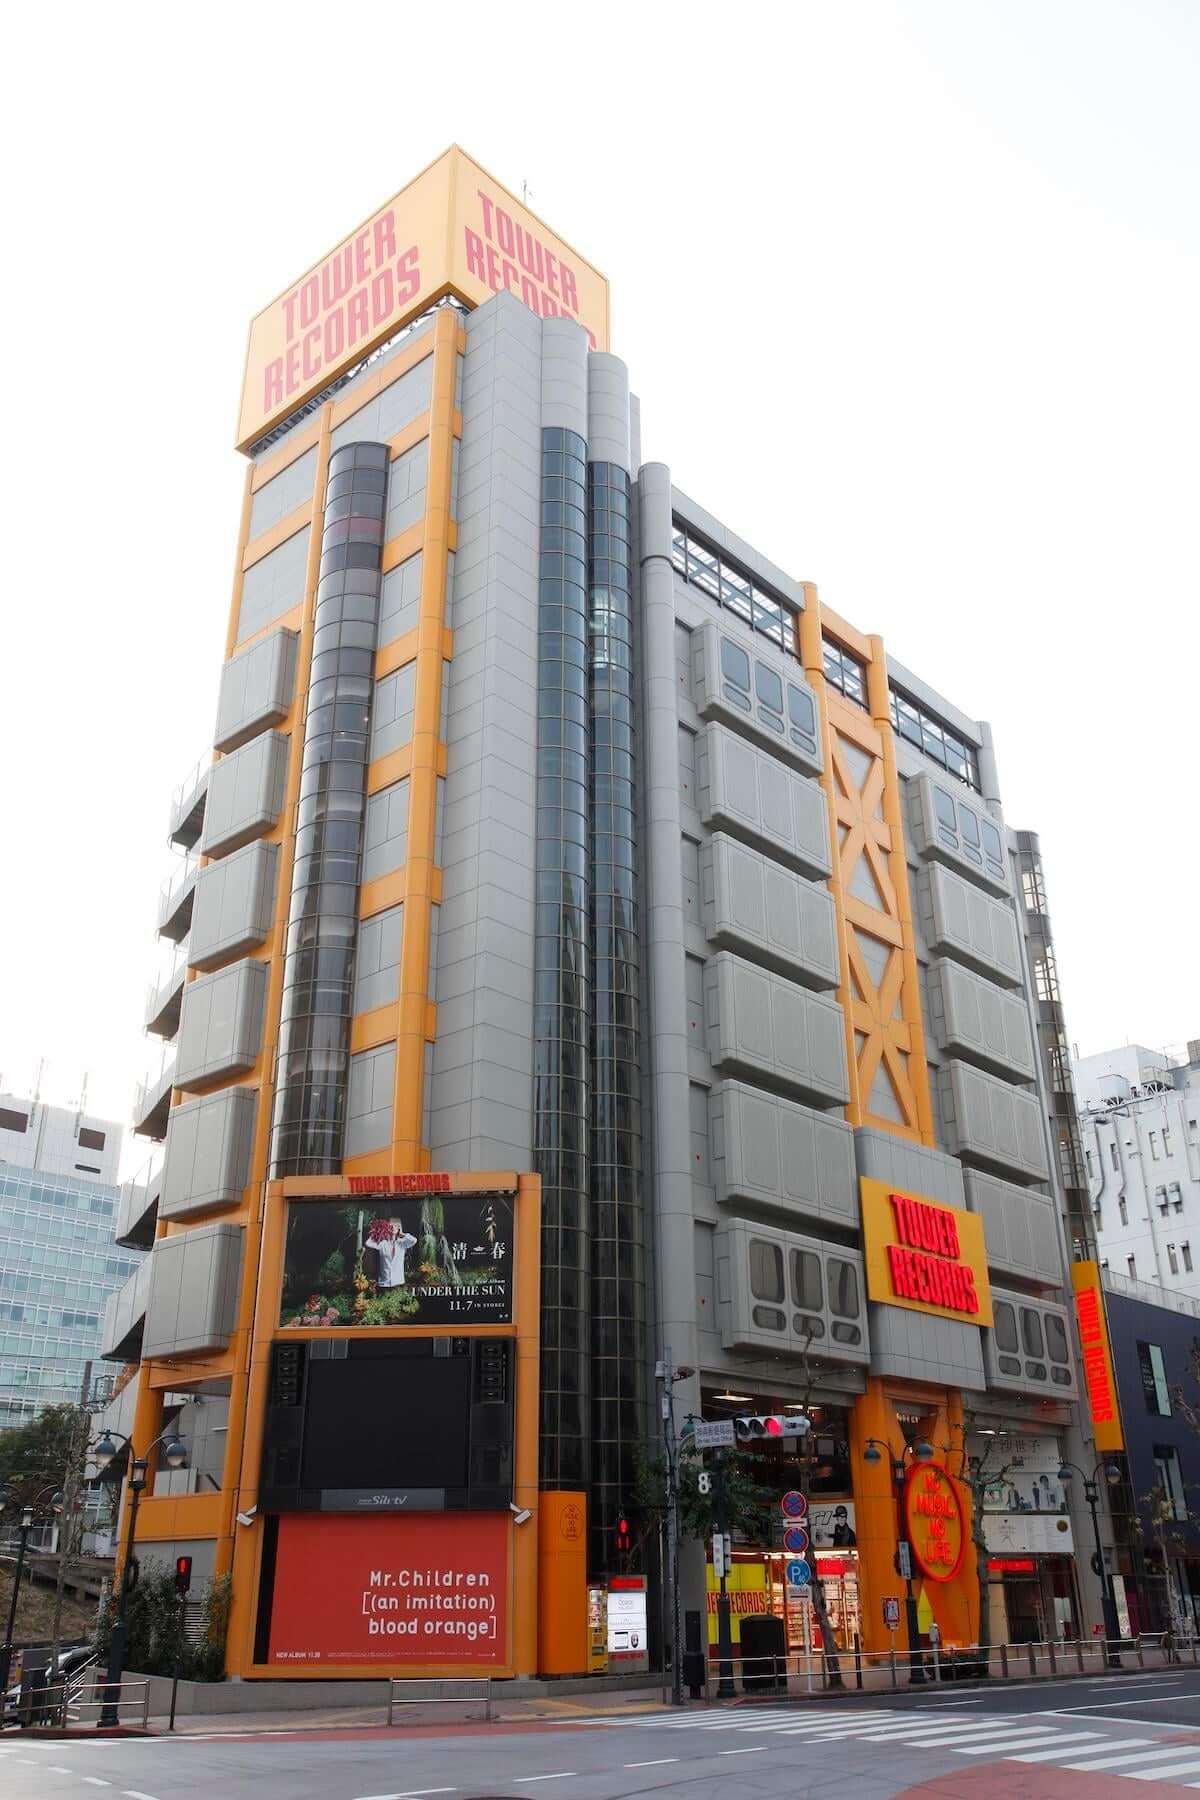 ラジオ番組『Tokyo Brilliantrips』連動!JR品川駅に登場した誰でも自由に弾けるピアノ「LovePiano」などをご紹介! music190111-towershibuya-1-1200x1800